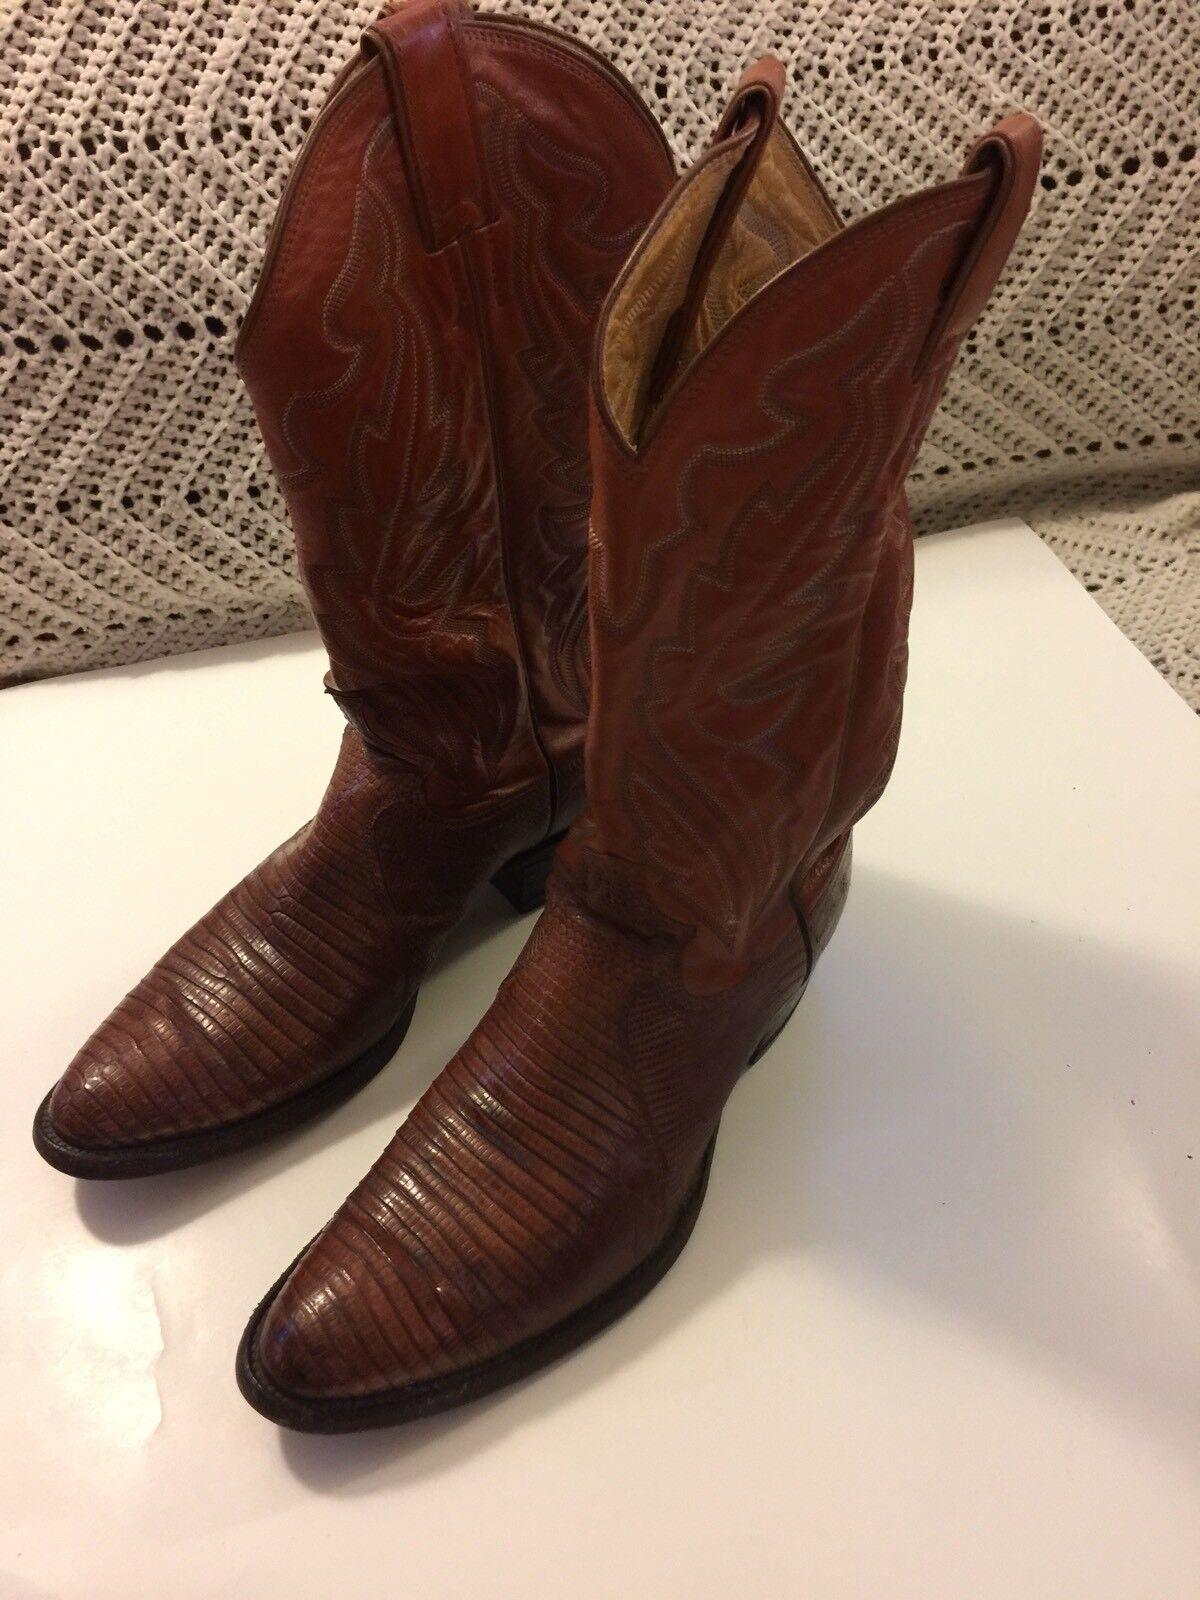 acquista la qualità autentica al 100% Vintage Vintage Vintage Justin 8303 Exotic Lizard Leather Western stivali Dimensione 8 1 2 D  vendita economica